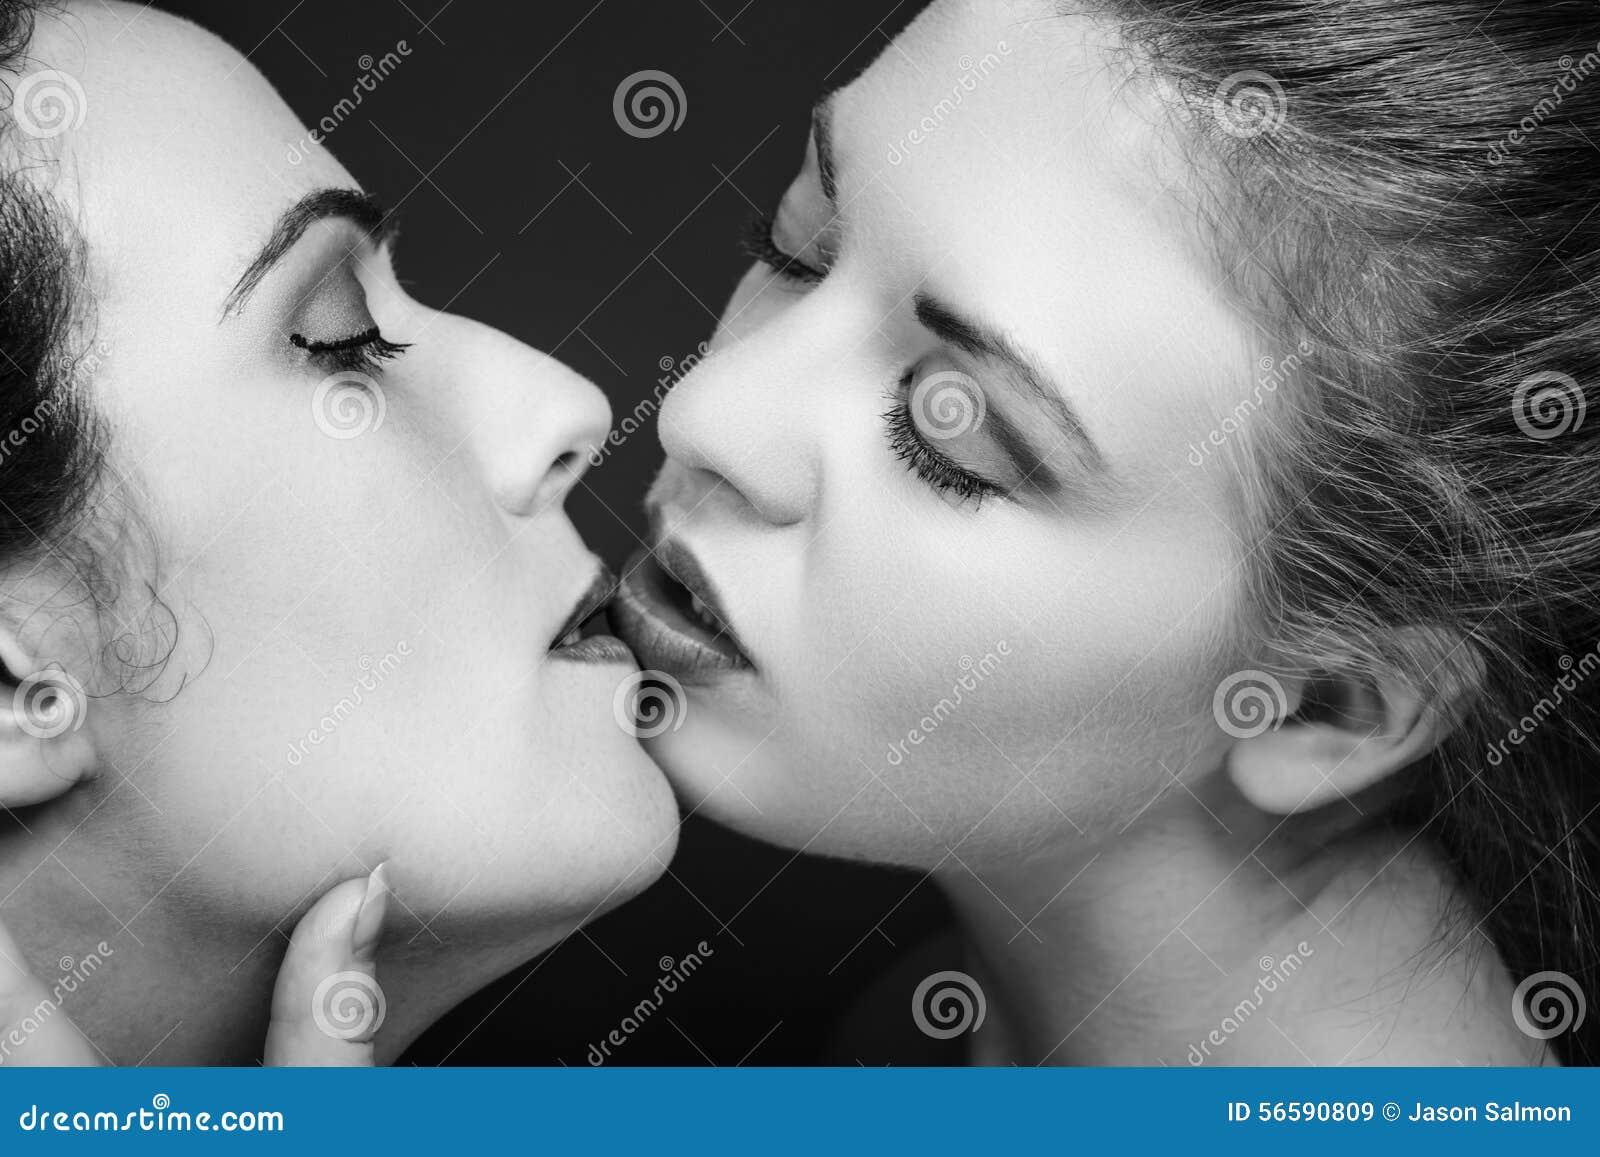 Lesbiche in bianco e nero